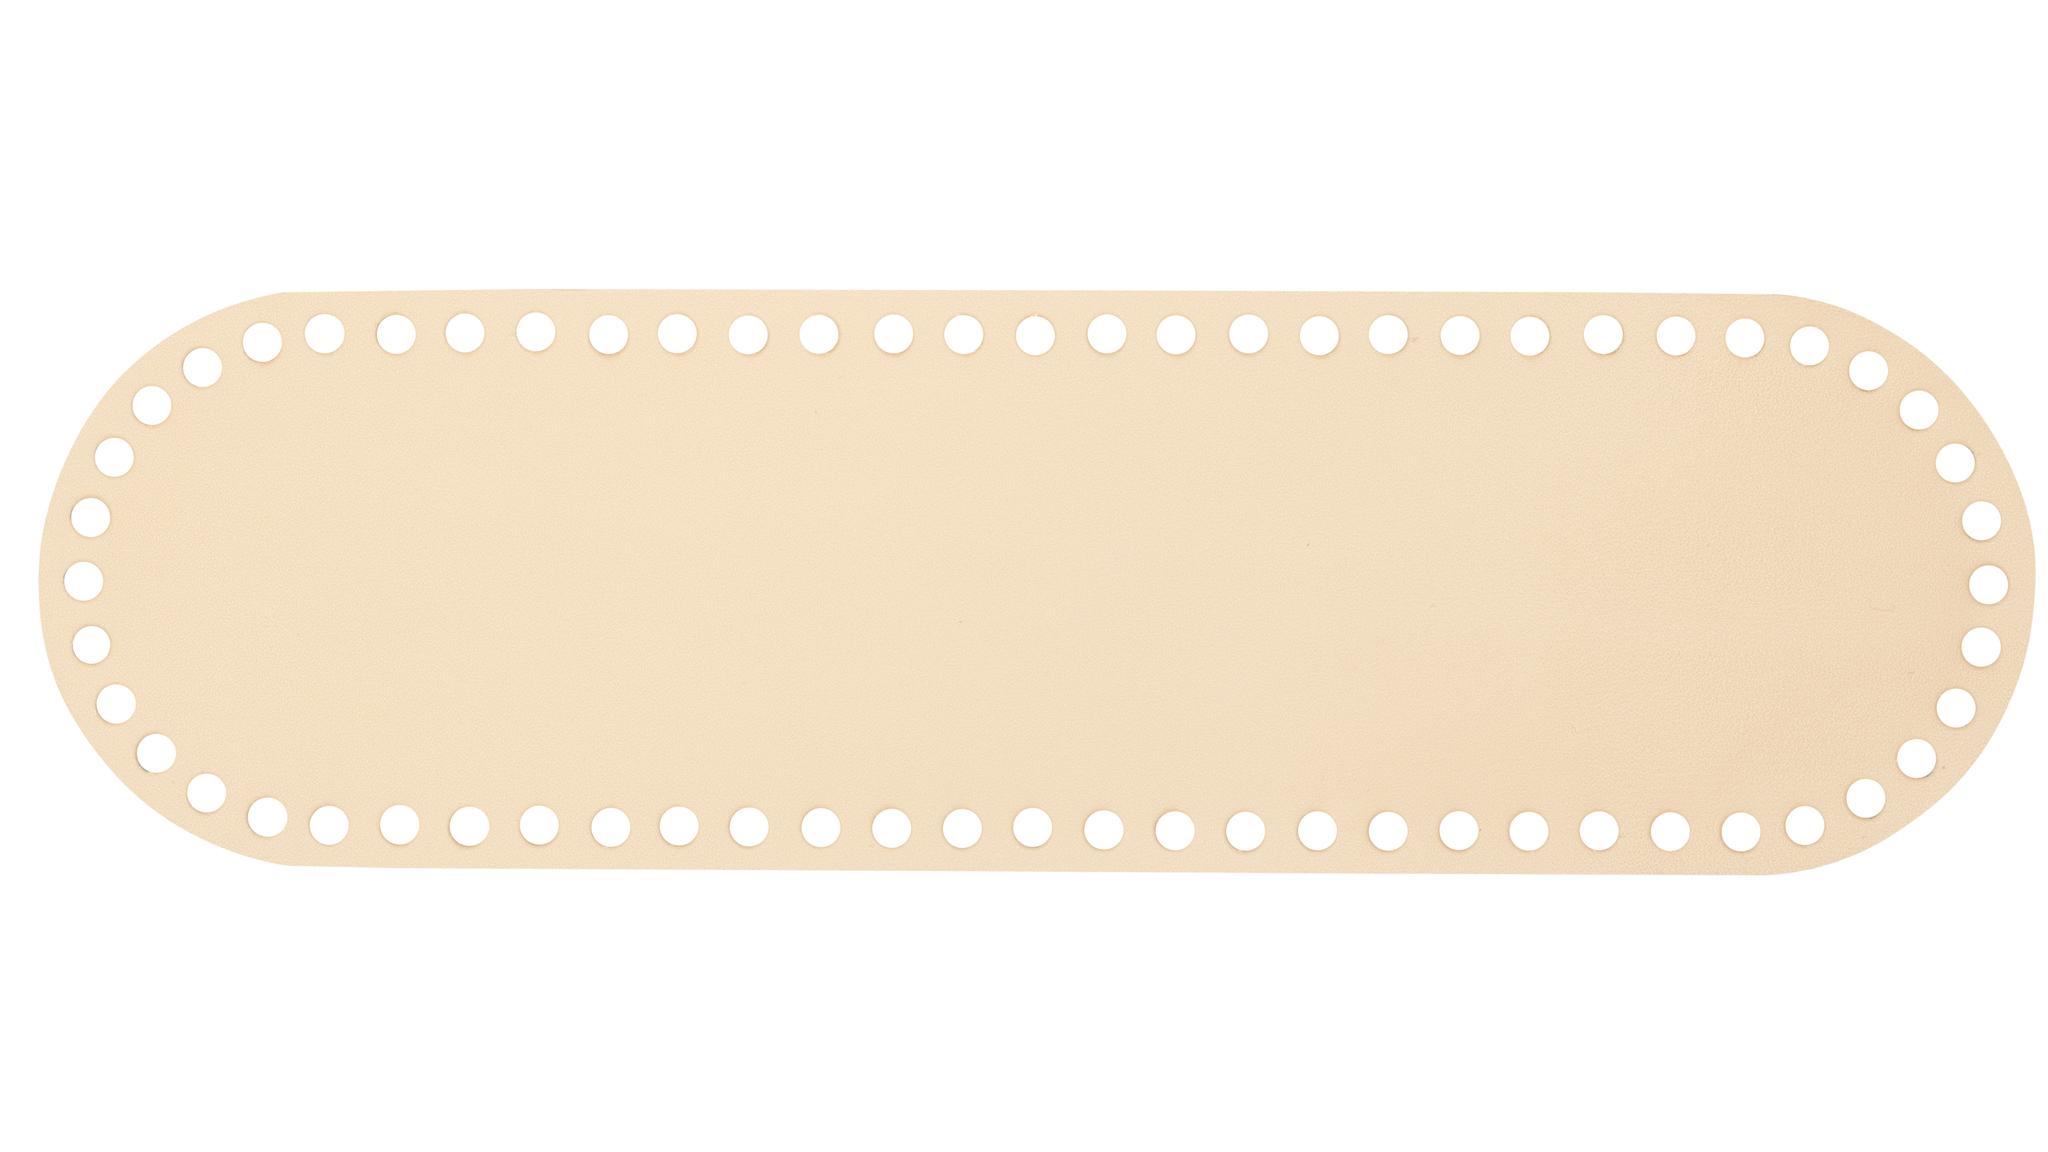 """Вся фурнитура Дно. Натуральная кожа """"Телесное"""" 32,5см*9,4см IMG_2560.jpg"""